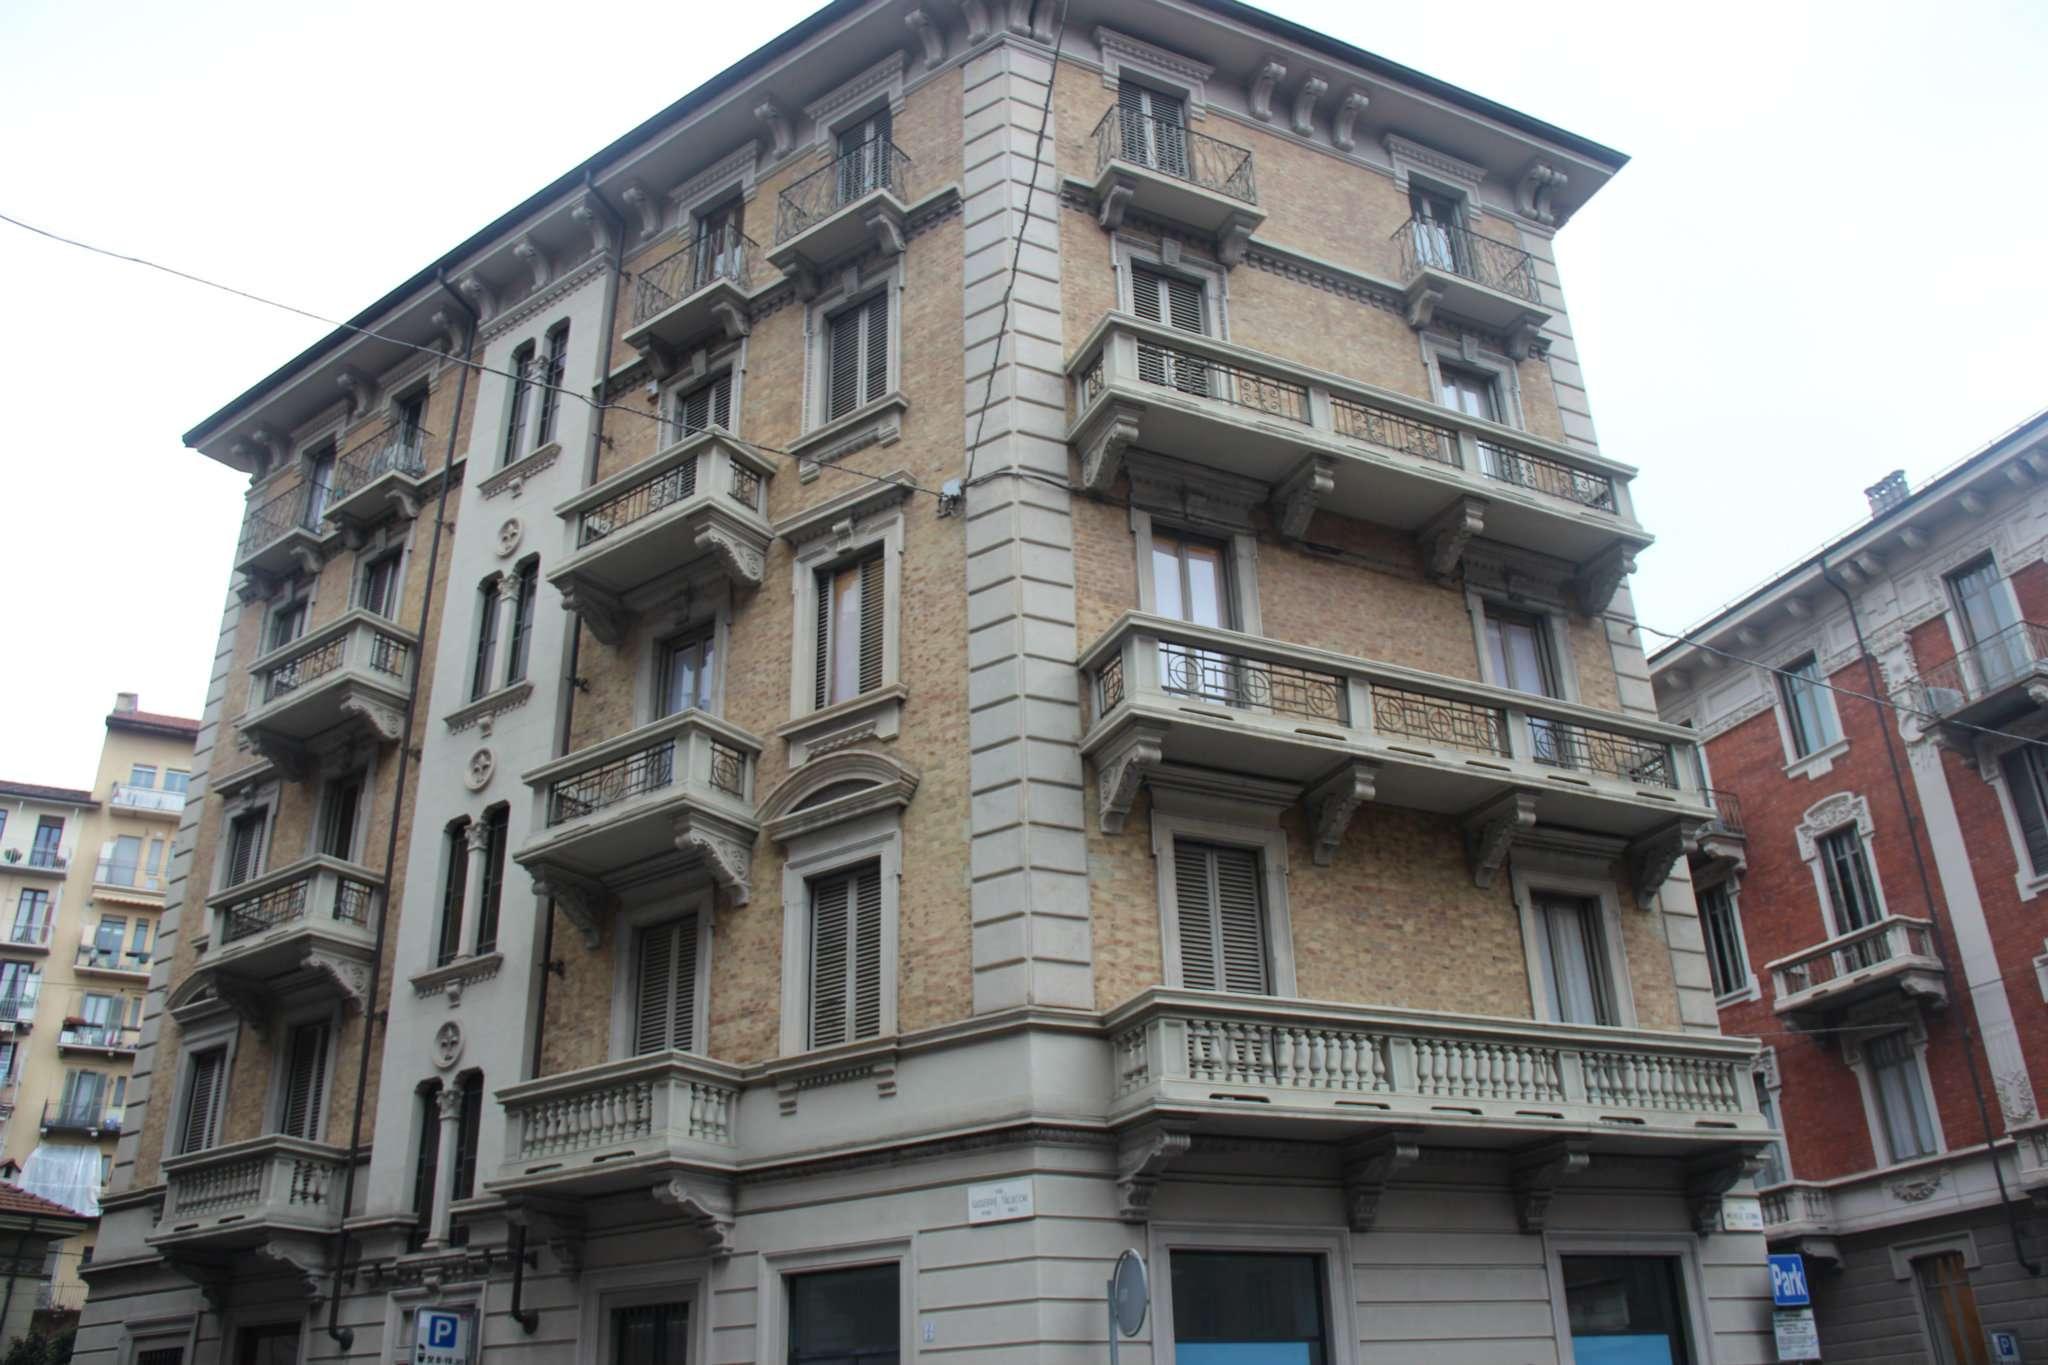 Immagine immobiliare Accogliente appartamento in palazzina Liberty Cit Turin, Via Talucchi. Proponiamo in locazione accogliente appartamento di circa mq 90 in affascinante palazzina liberty, soluzione angolare con splendido affaccio e tripla esposizione....